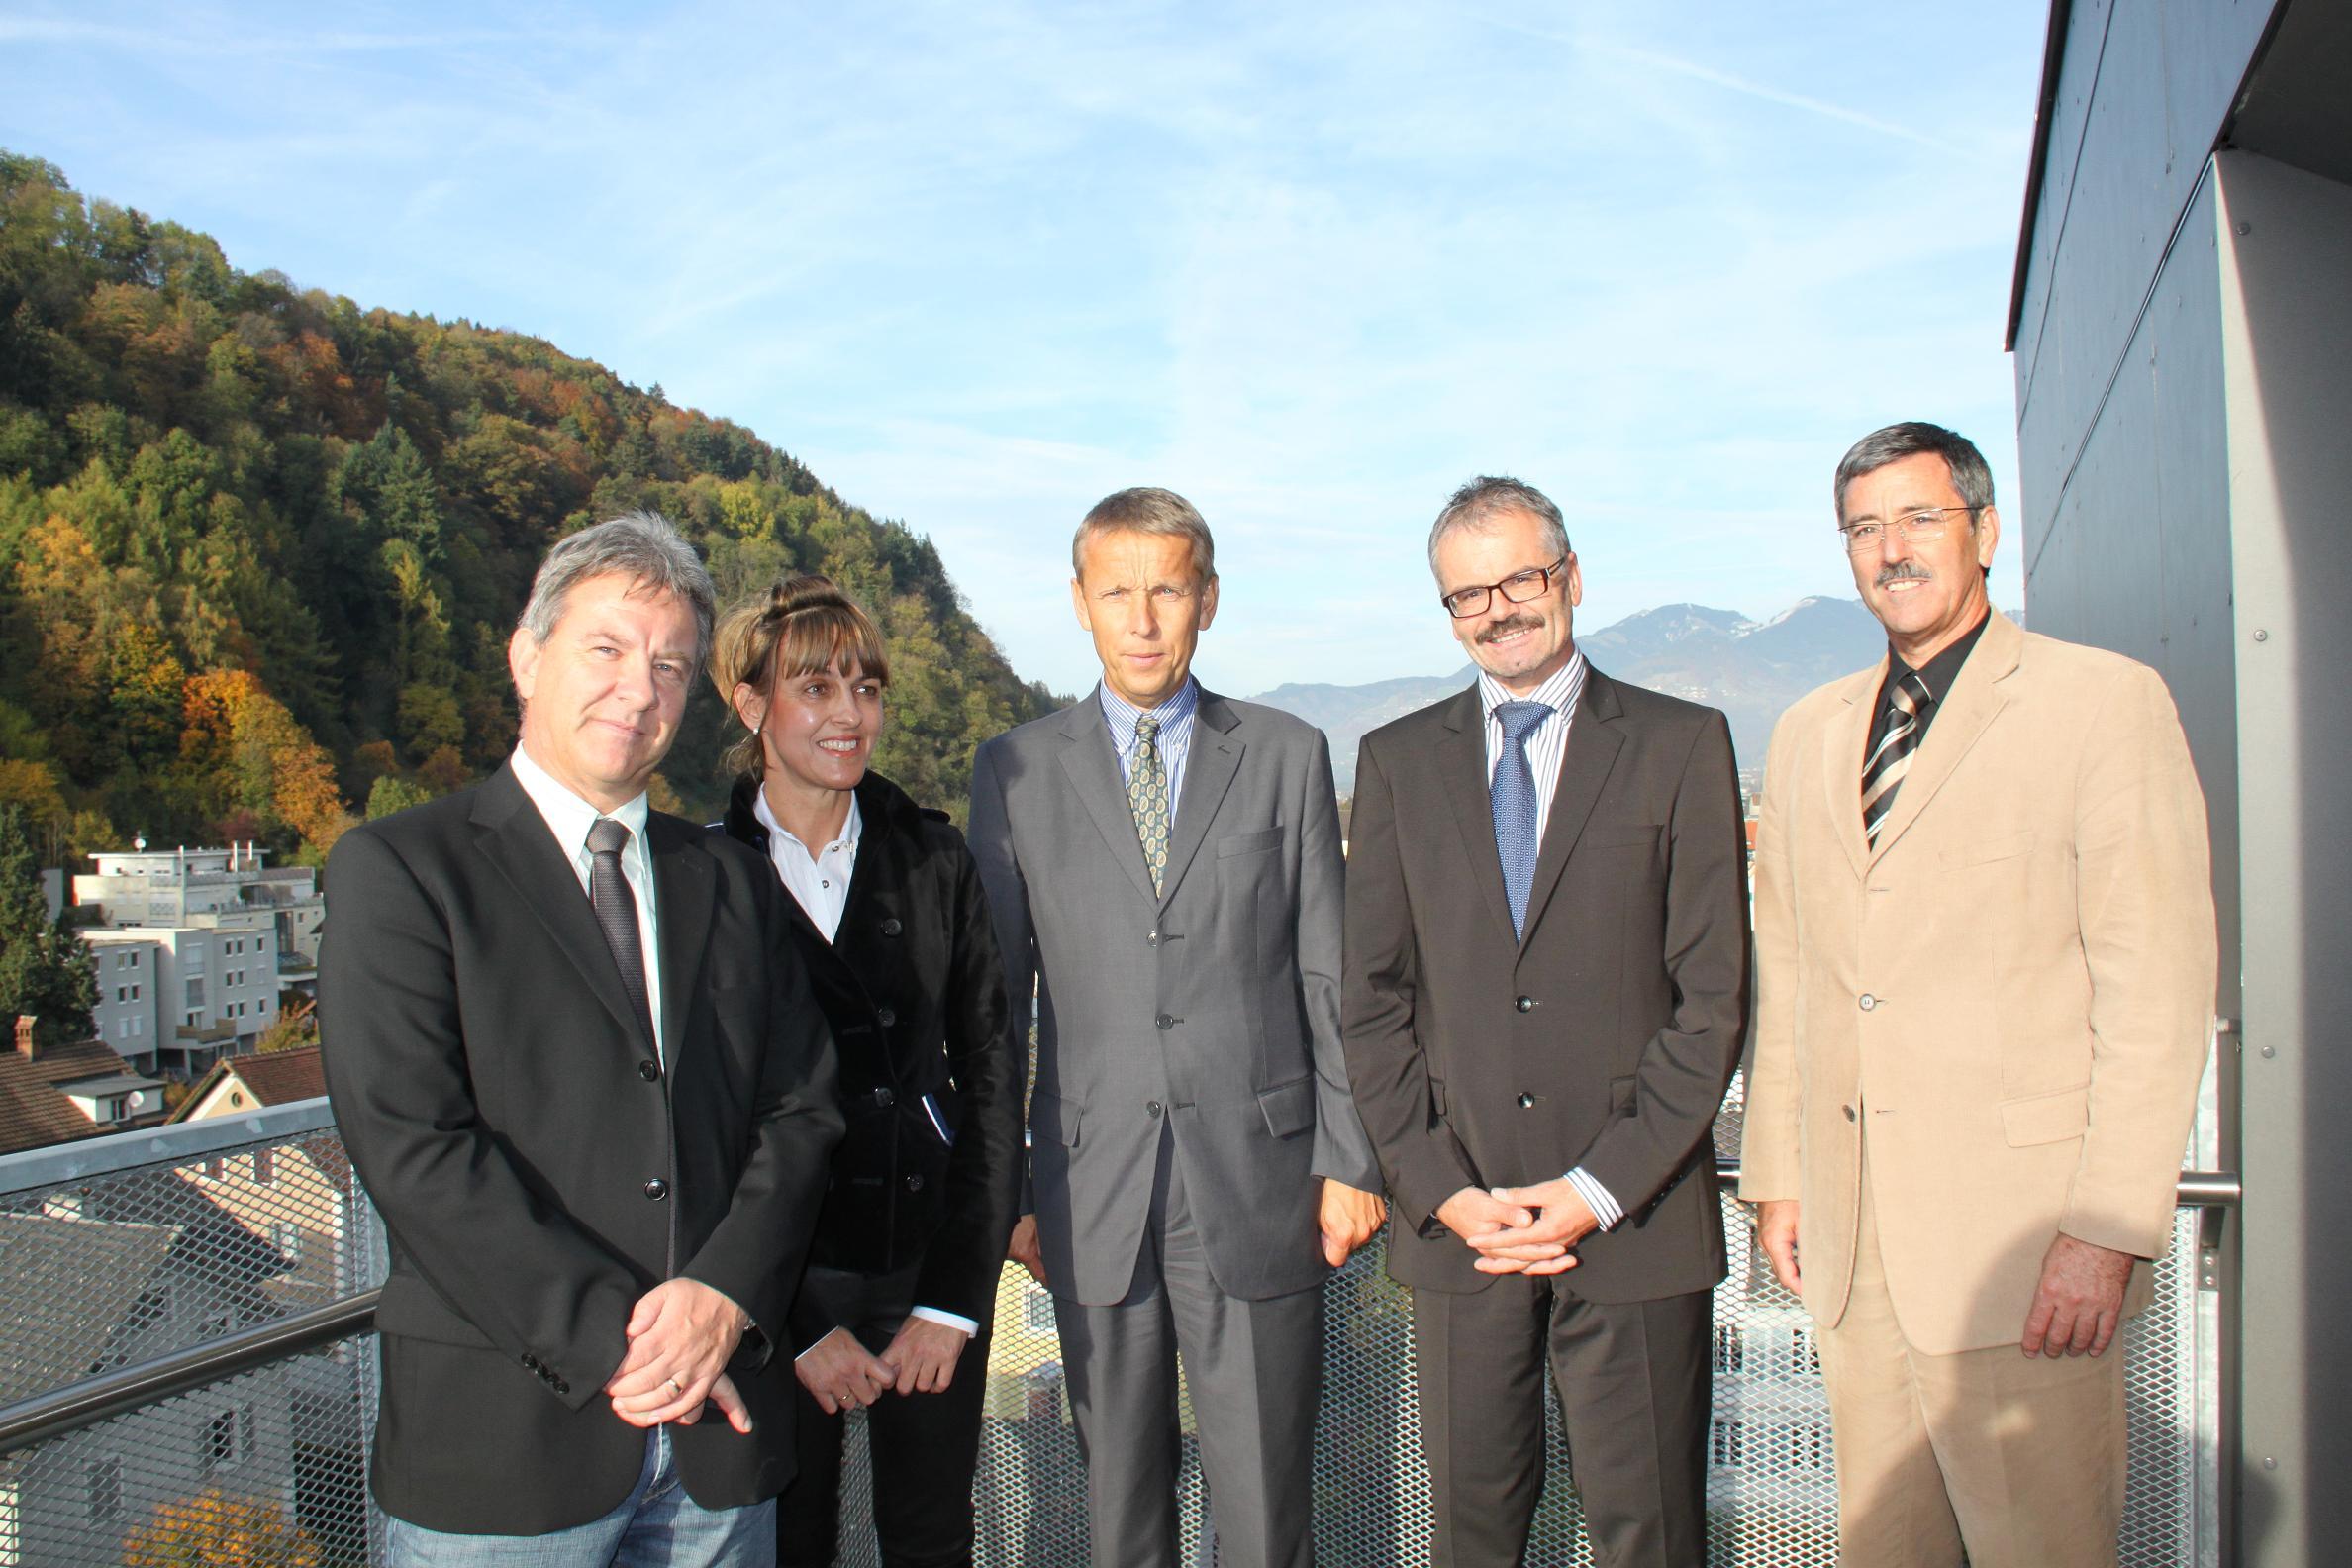 Zu Besuch im Finanzamt Feldkirch mit Peter Hosp, Vorständin Brigitte Metzler, Vorstand Franz Krug und Stadtrat Wolfgang Matt (C) Sven Pöllauer